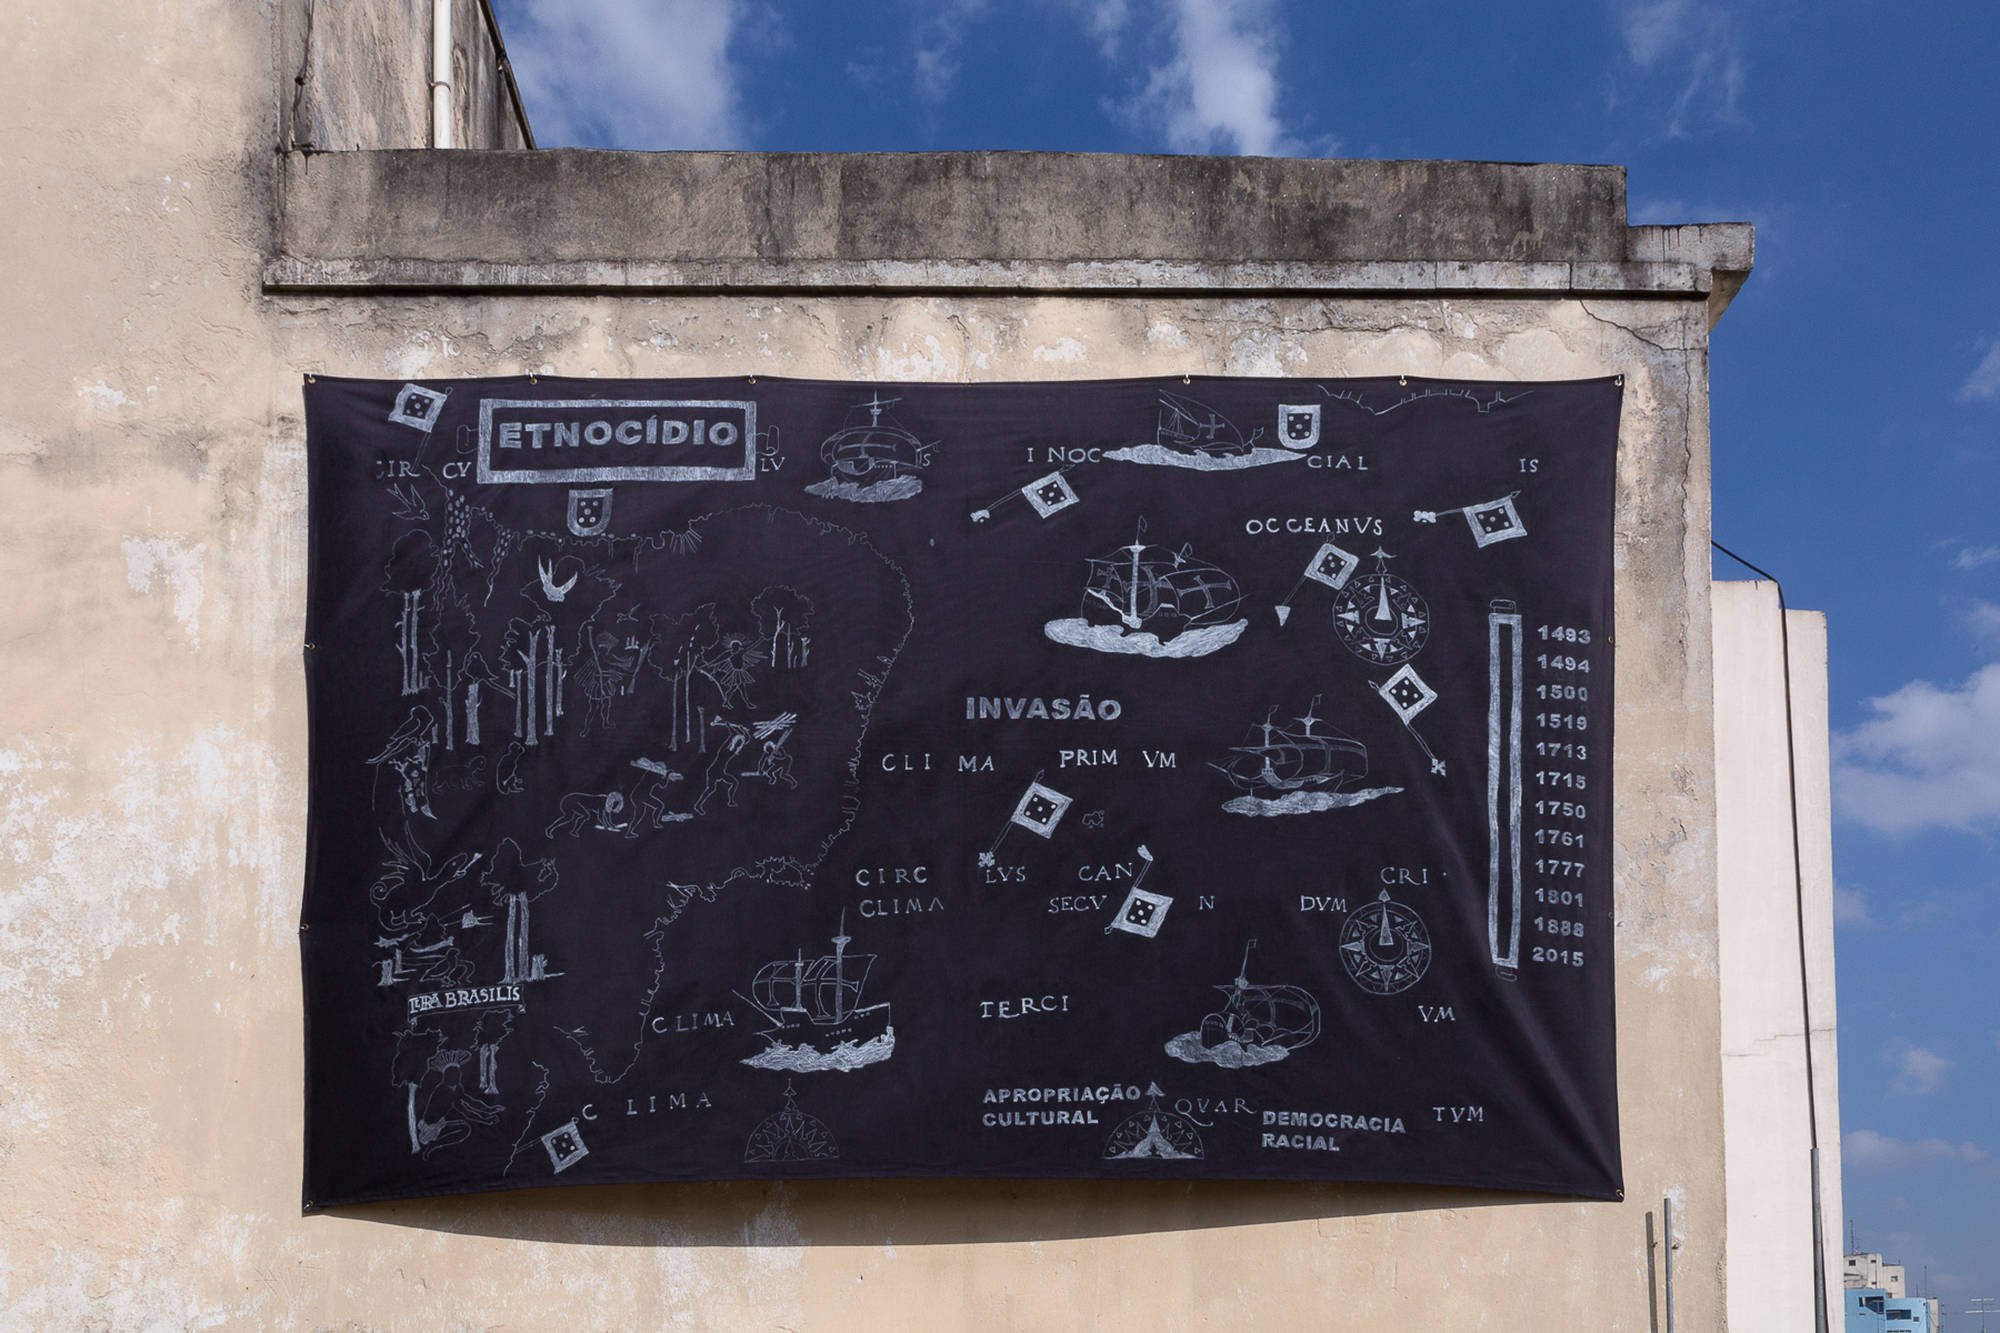 4 Observatório - Voragem da História - Jaime Lauriano, Terra Brasilis